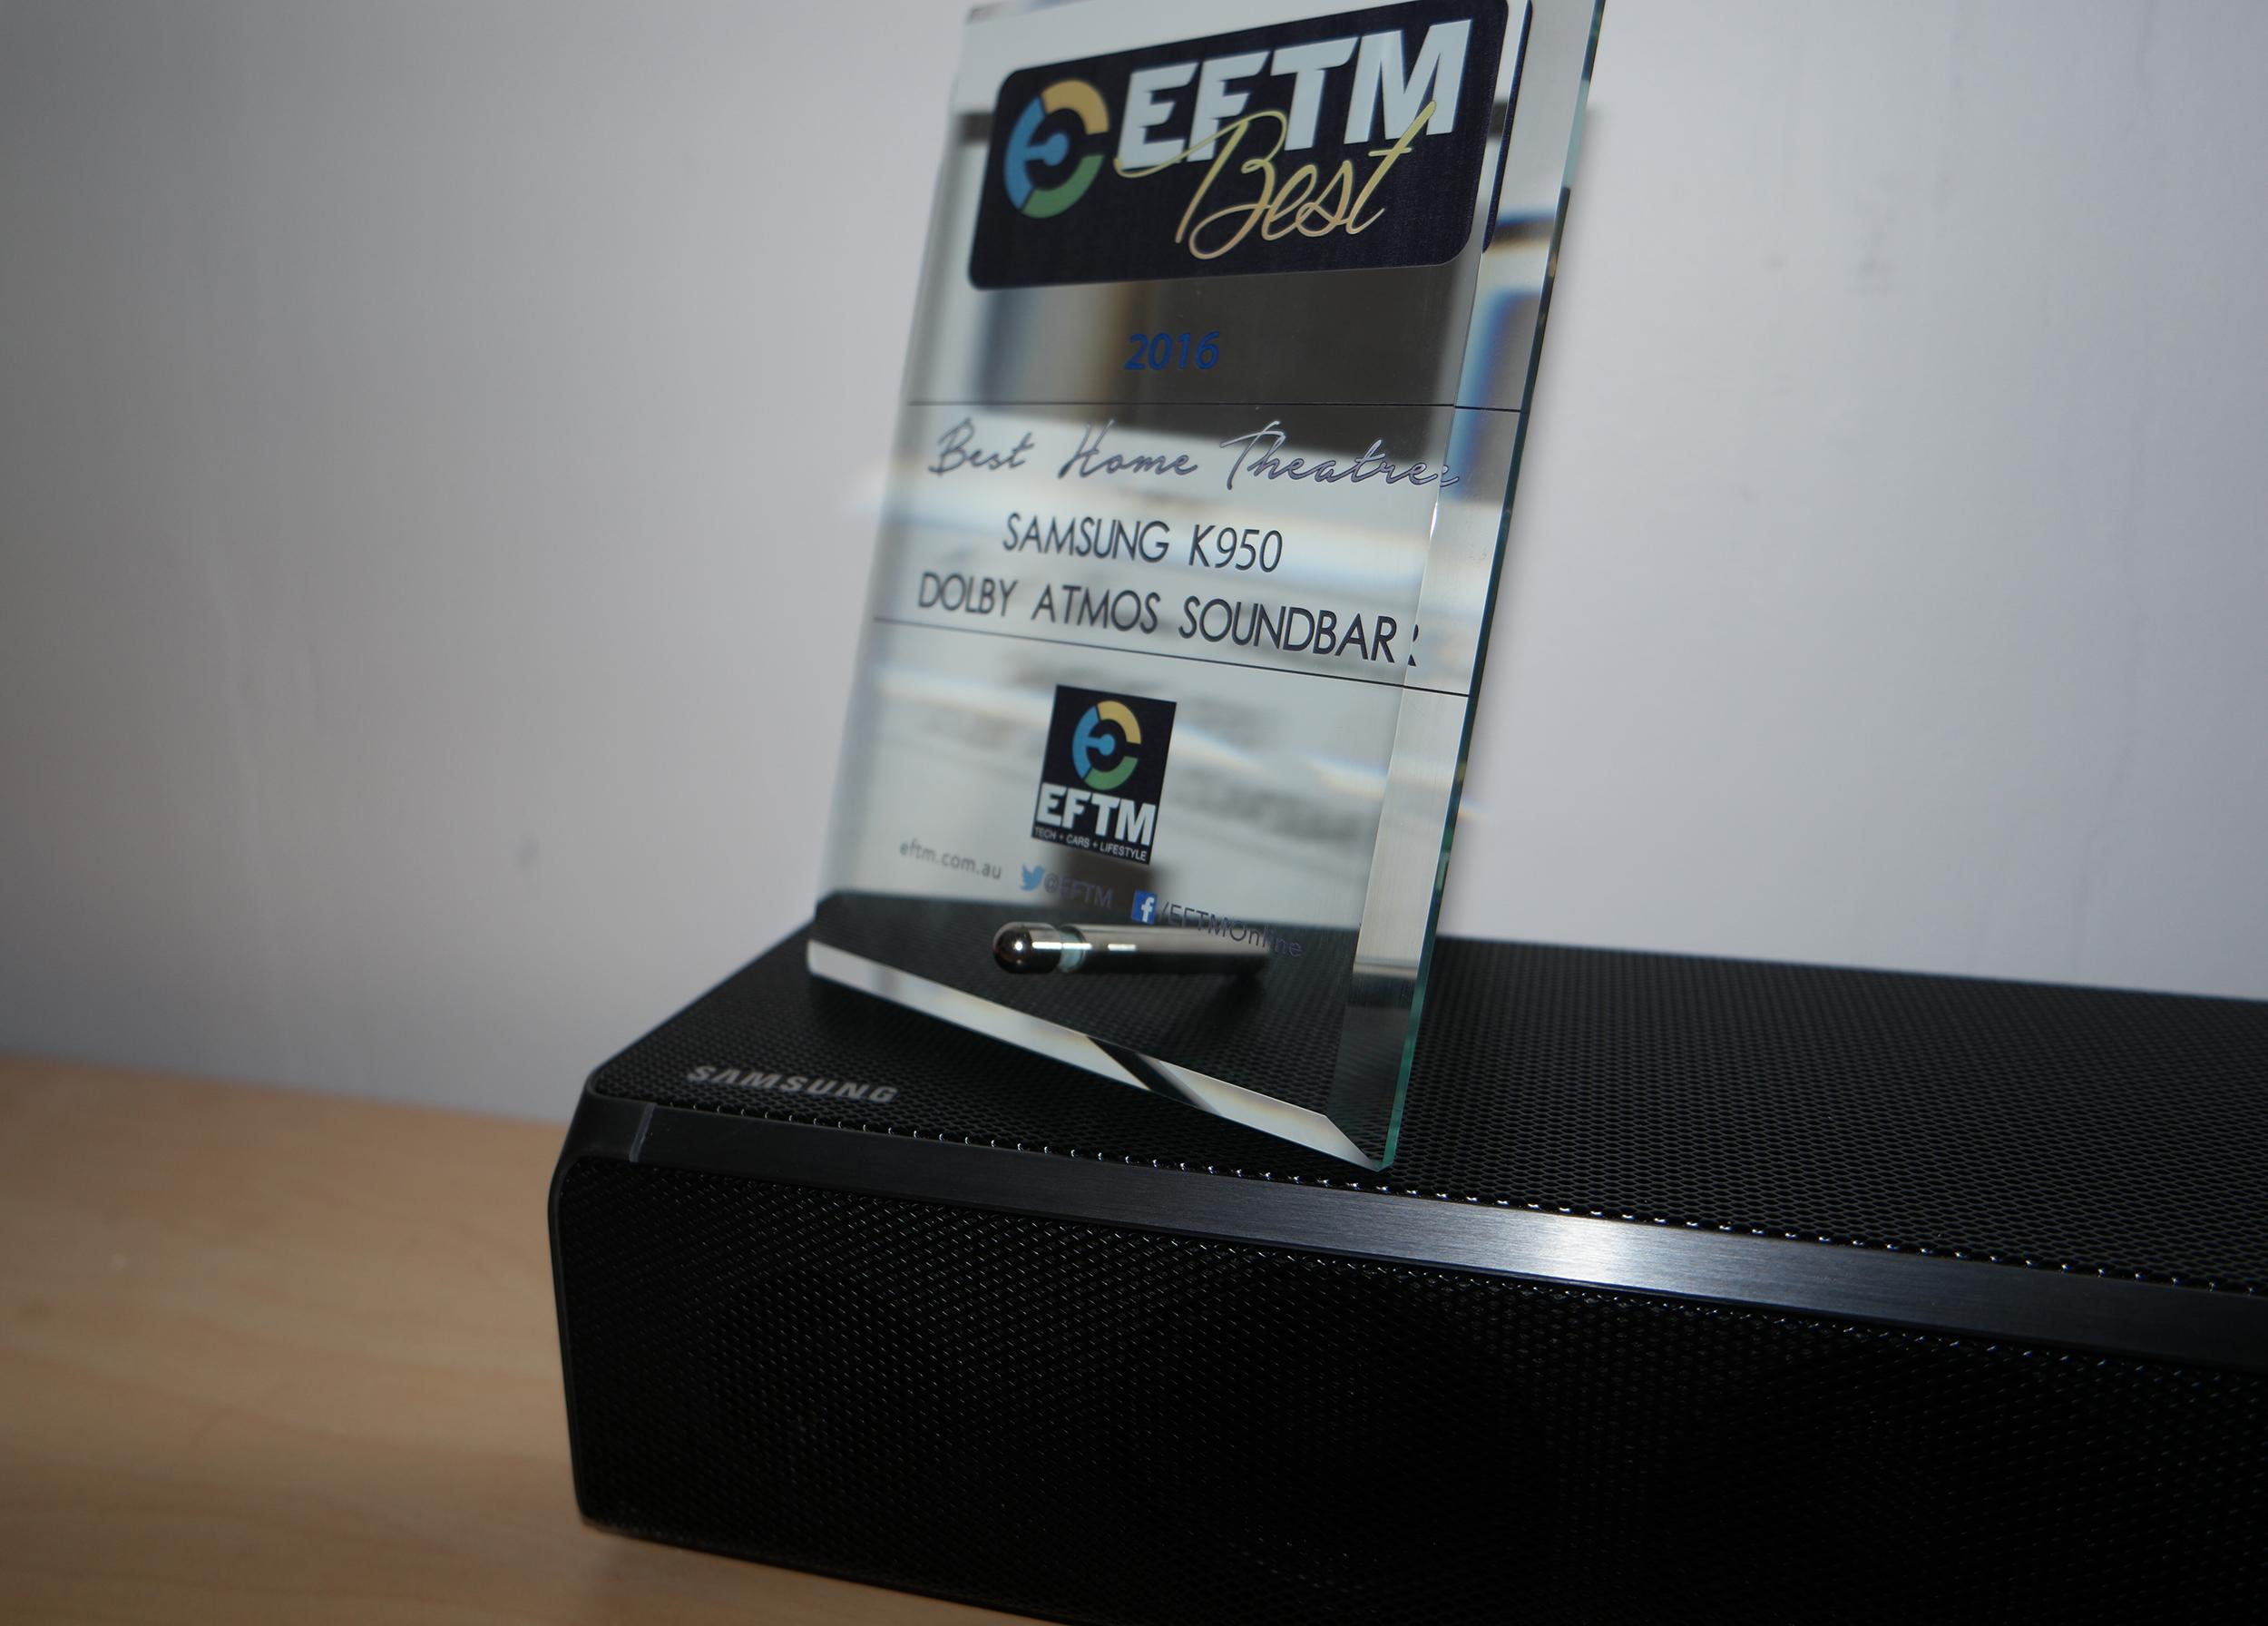 EFTM Best Home Theatre: Samsung K950 Dolby Atmos Soundbar » EFTM